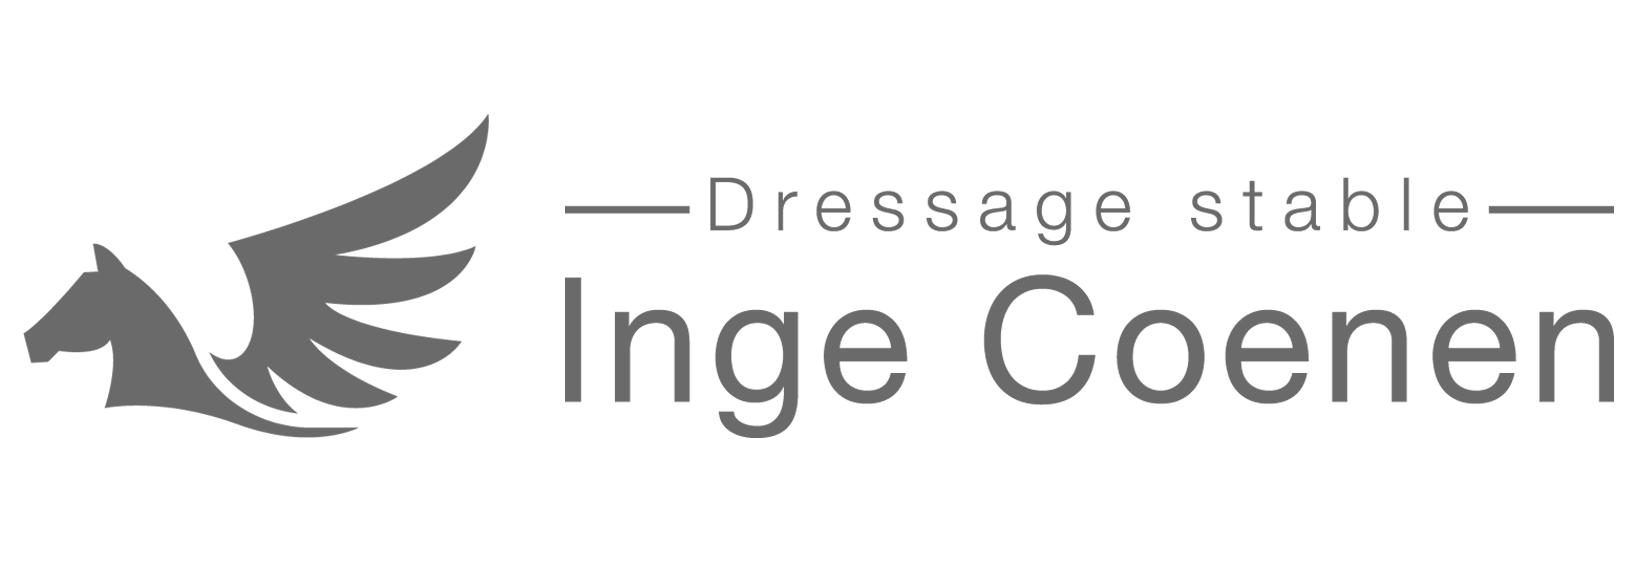 Dressage stable Inge Coenen